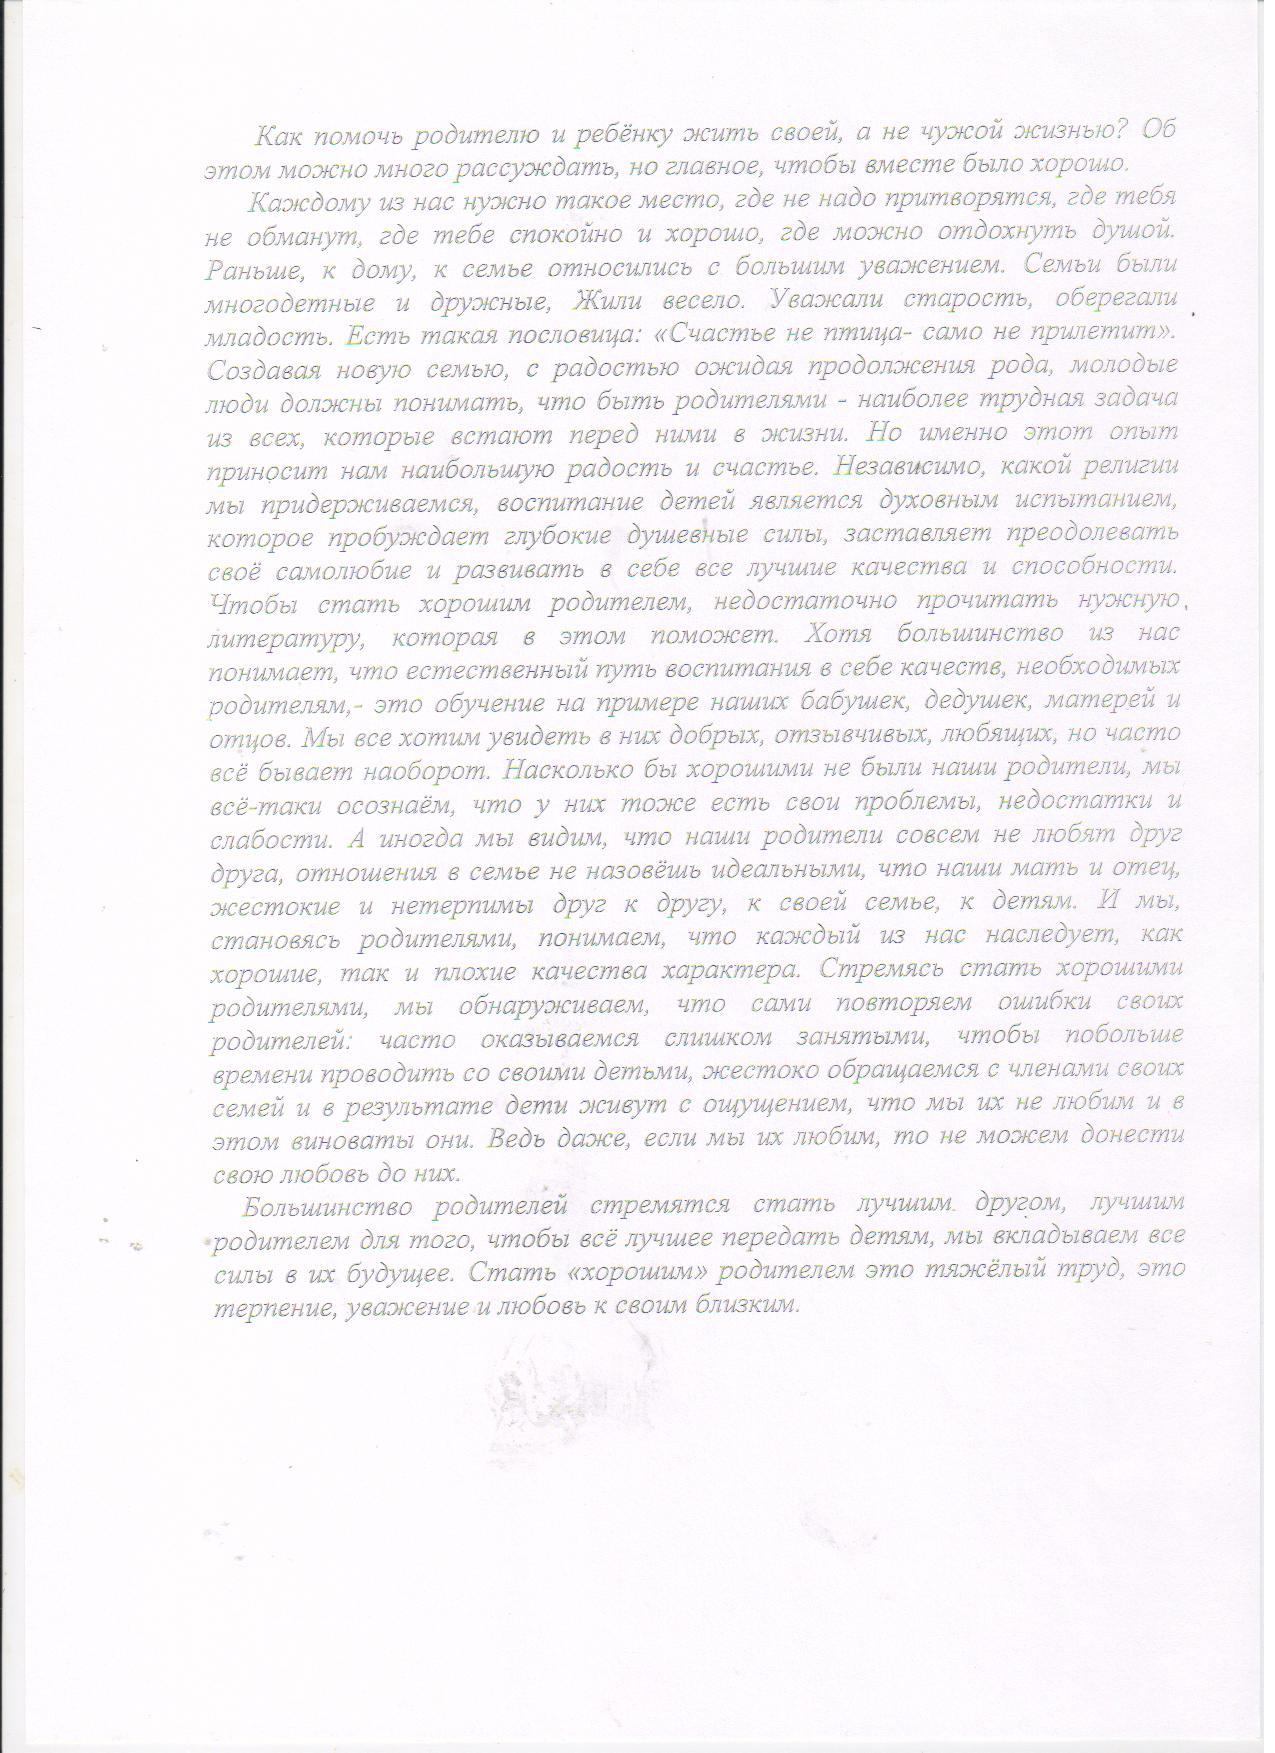 C:\Documents and Settings\Пользователь\Рабочий стол\сканирование\Изображение 035.jpg